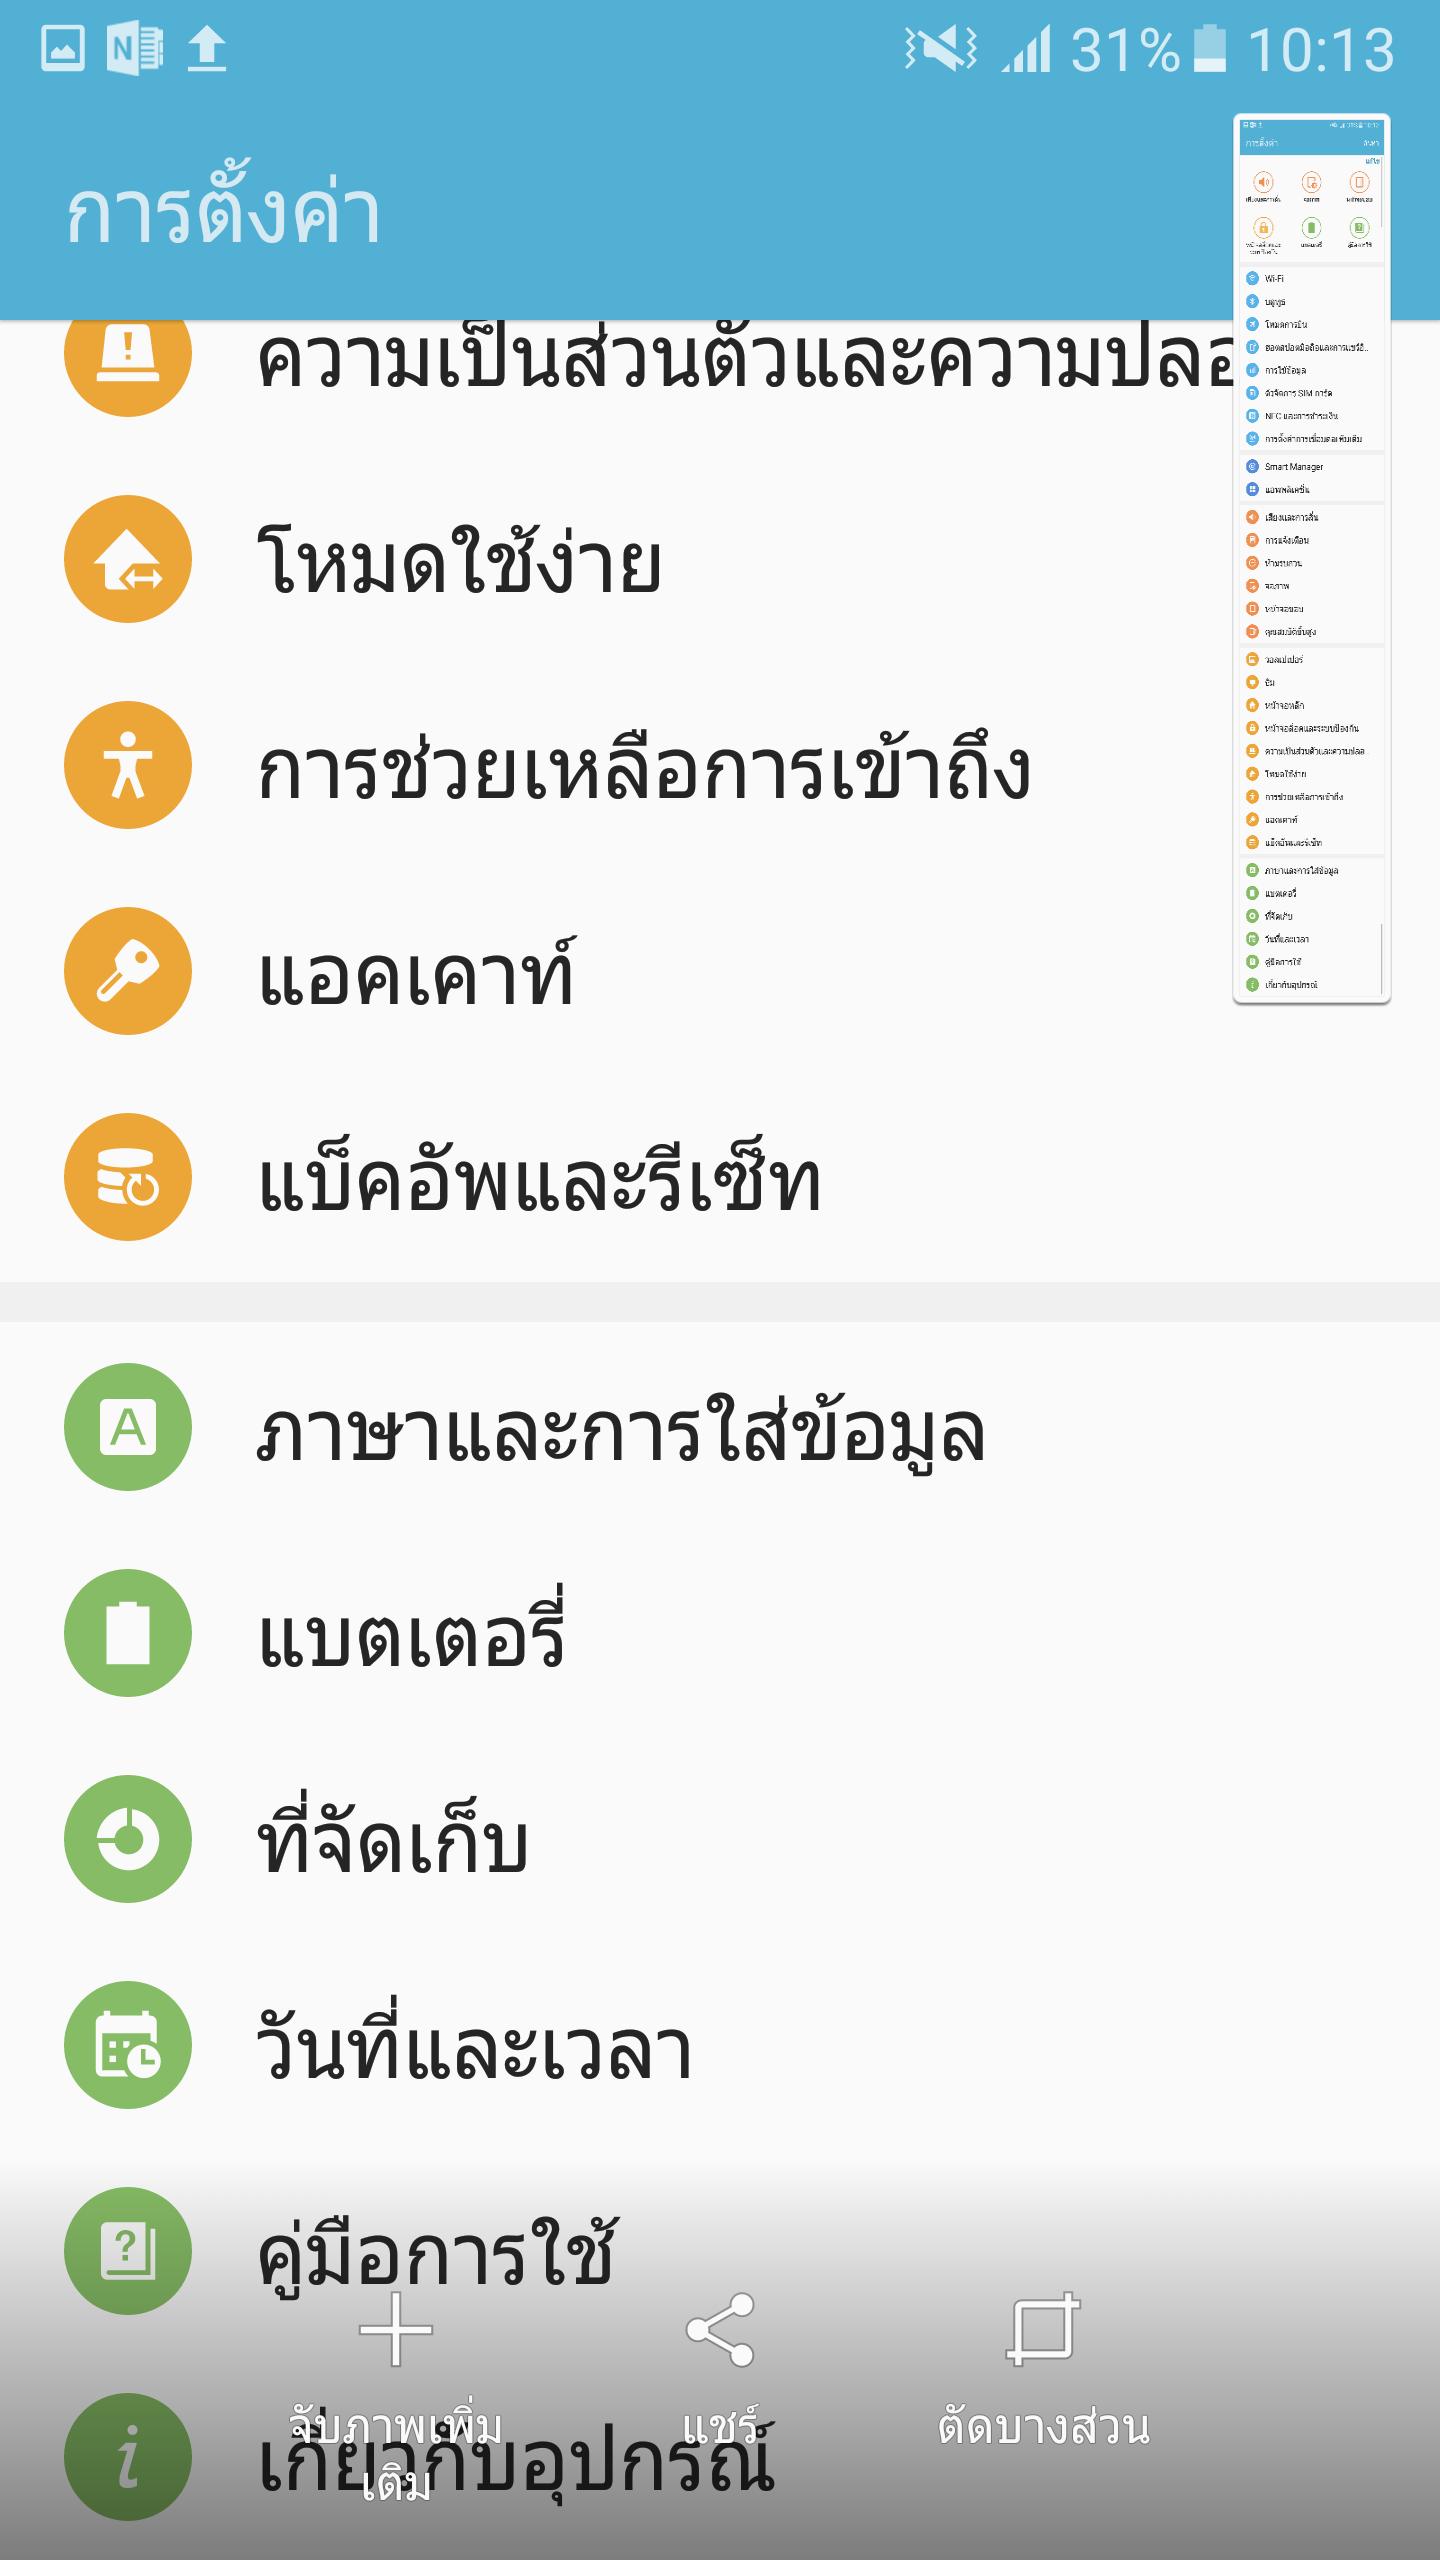 [Galaxy S7 & S7 Edge] วิธีการจับภาพหน้าจอ?